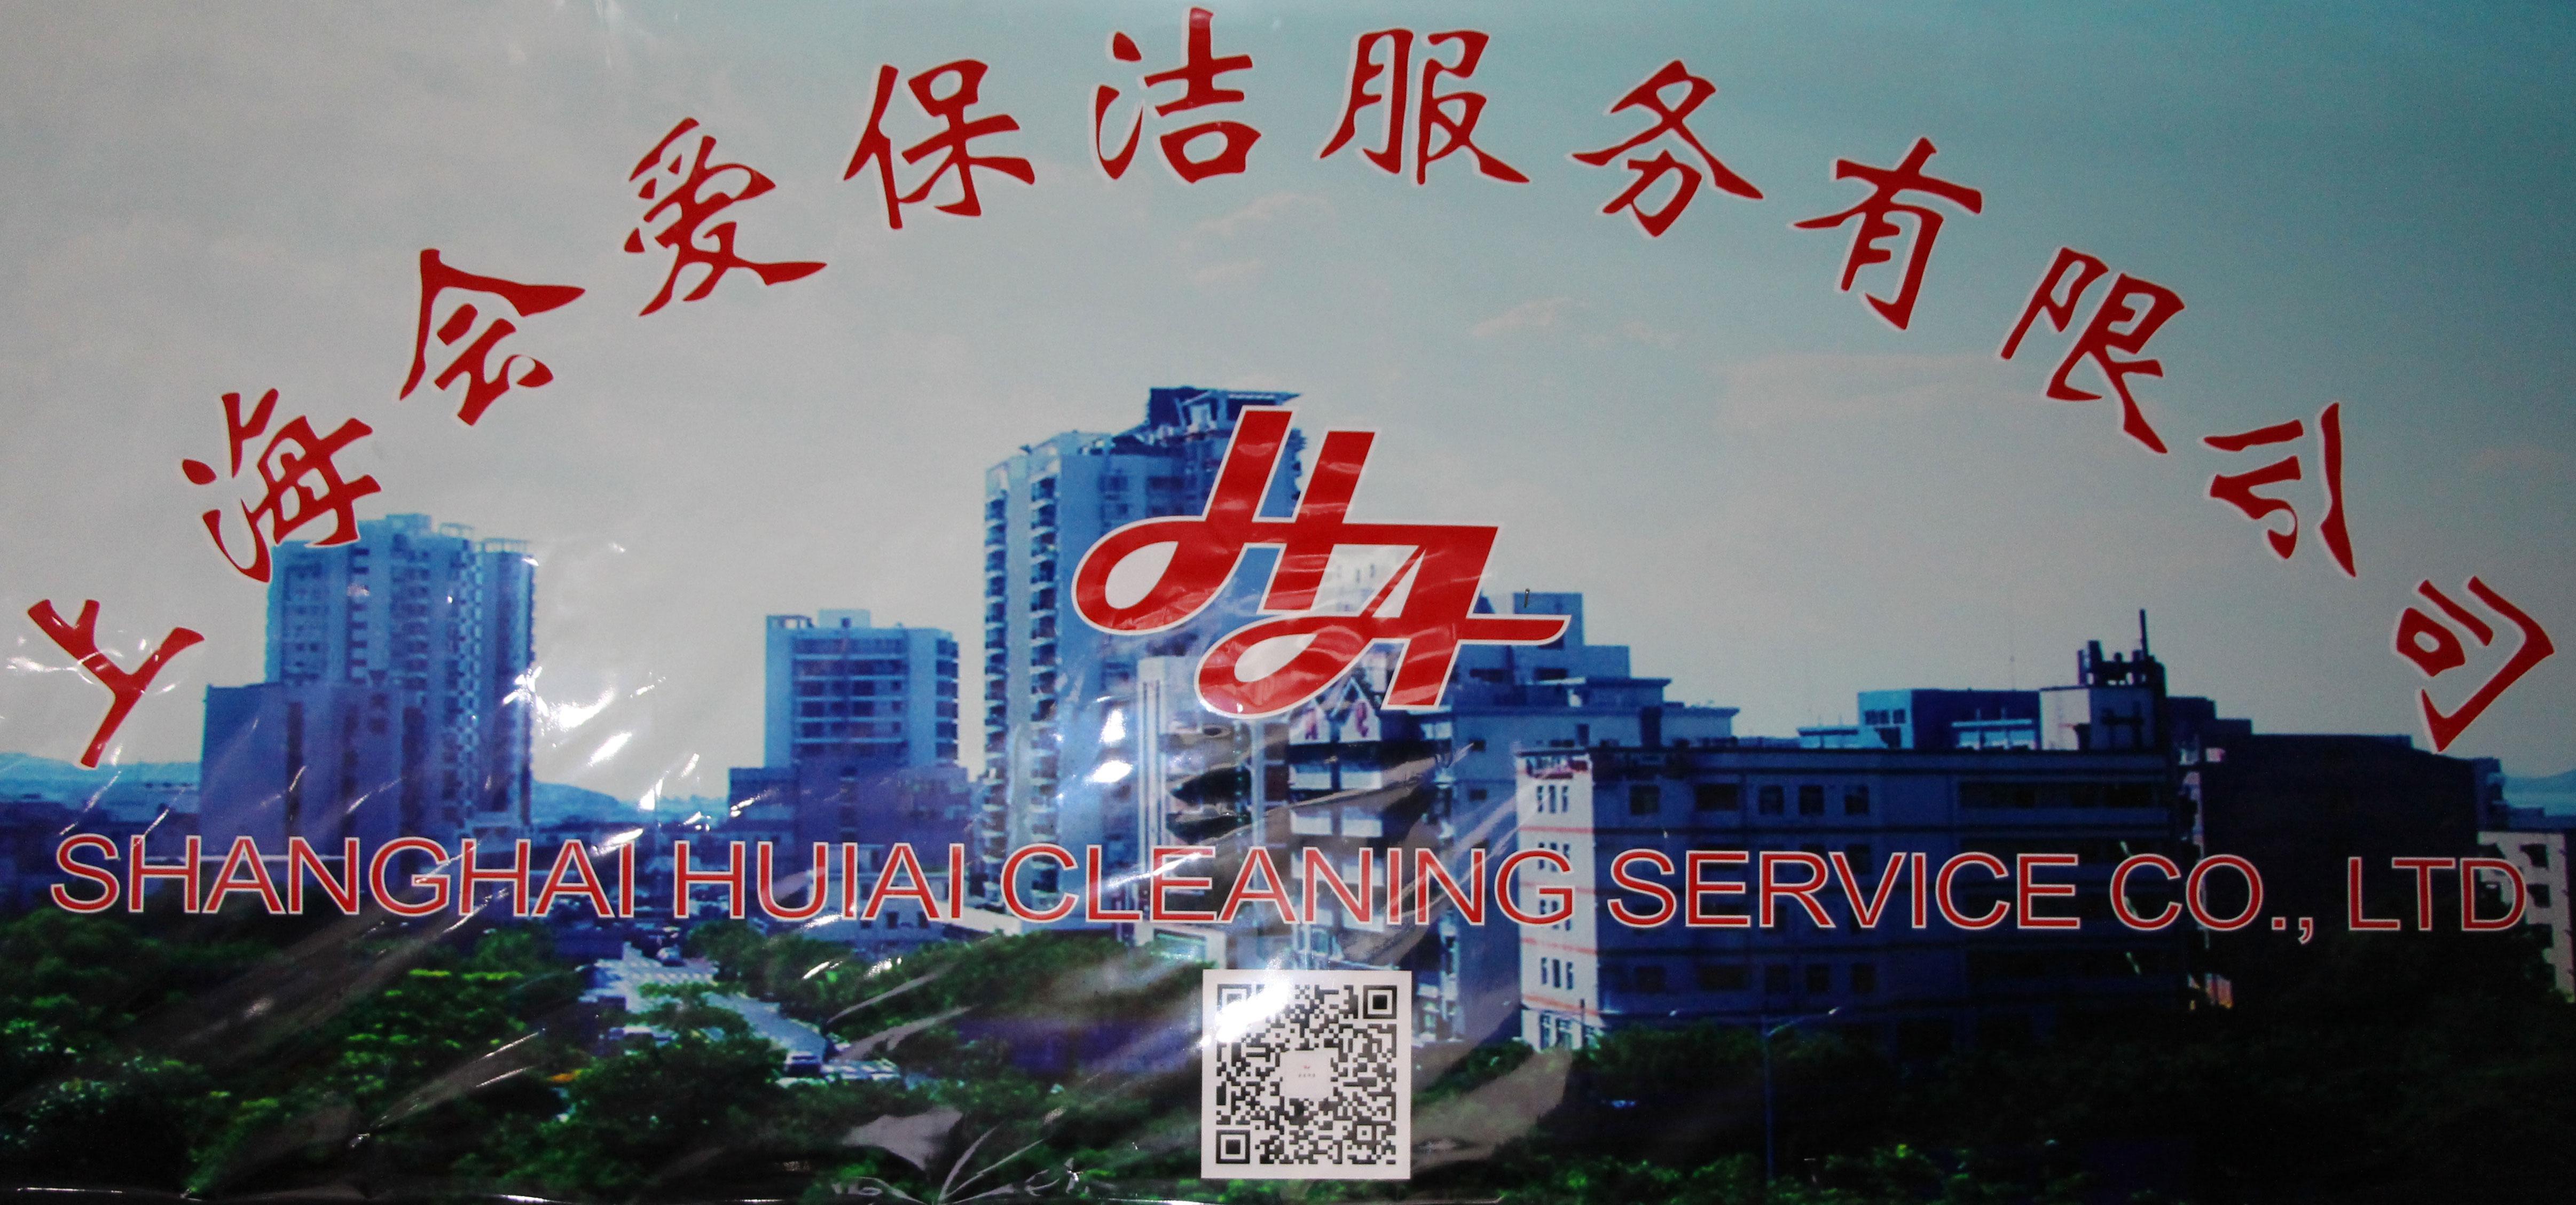 上海会爱保洁服务有限公司